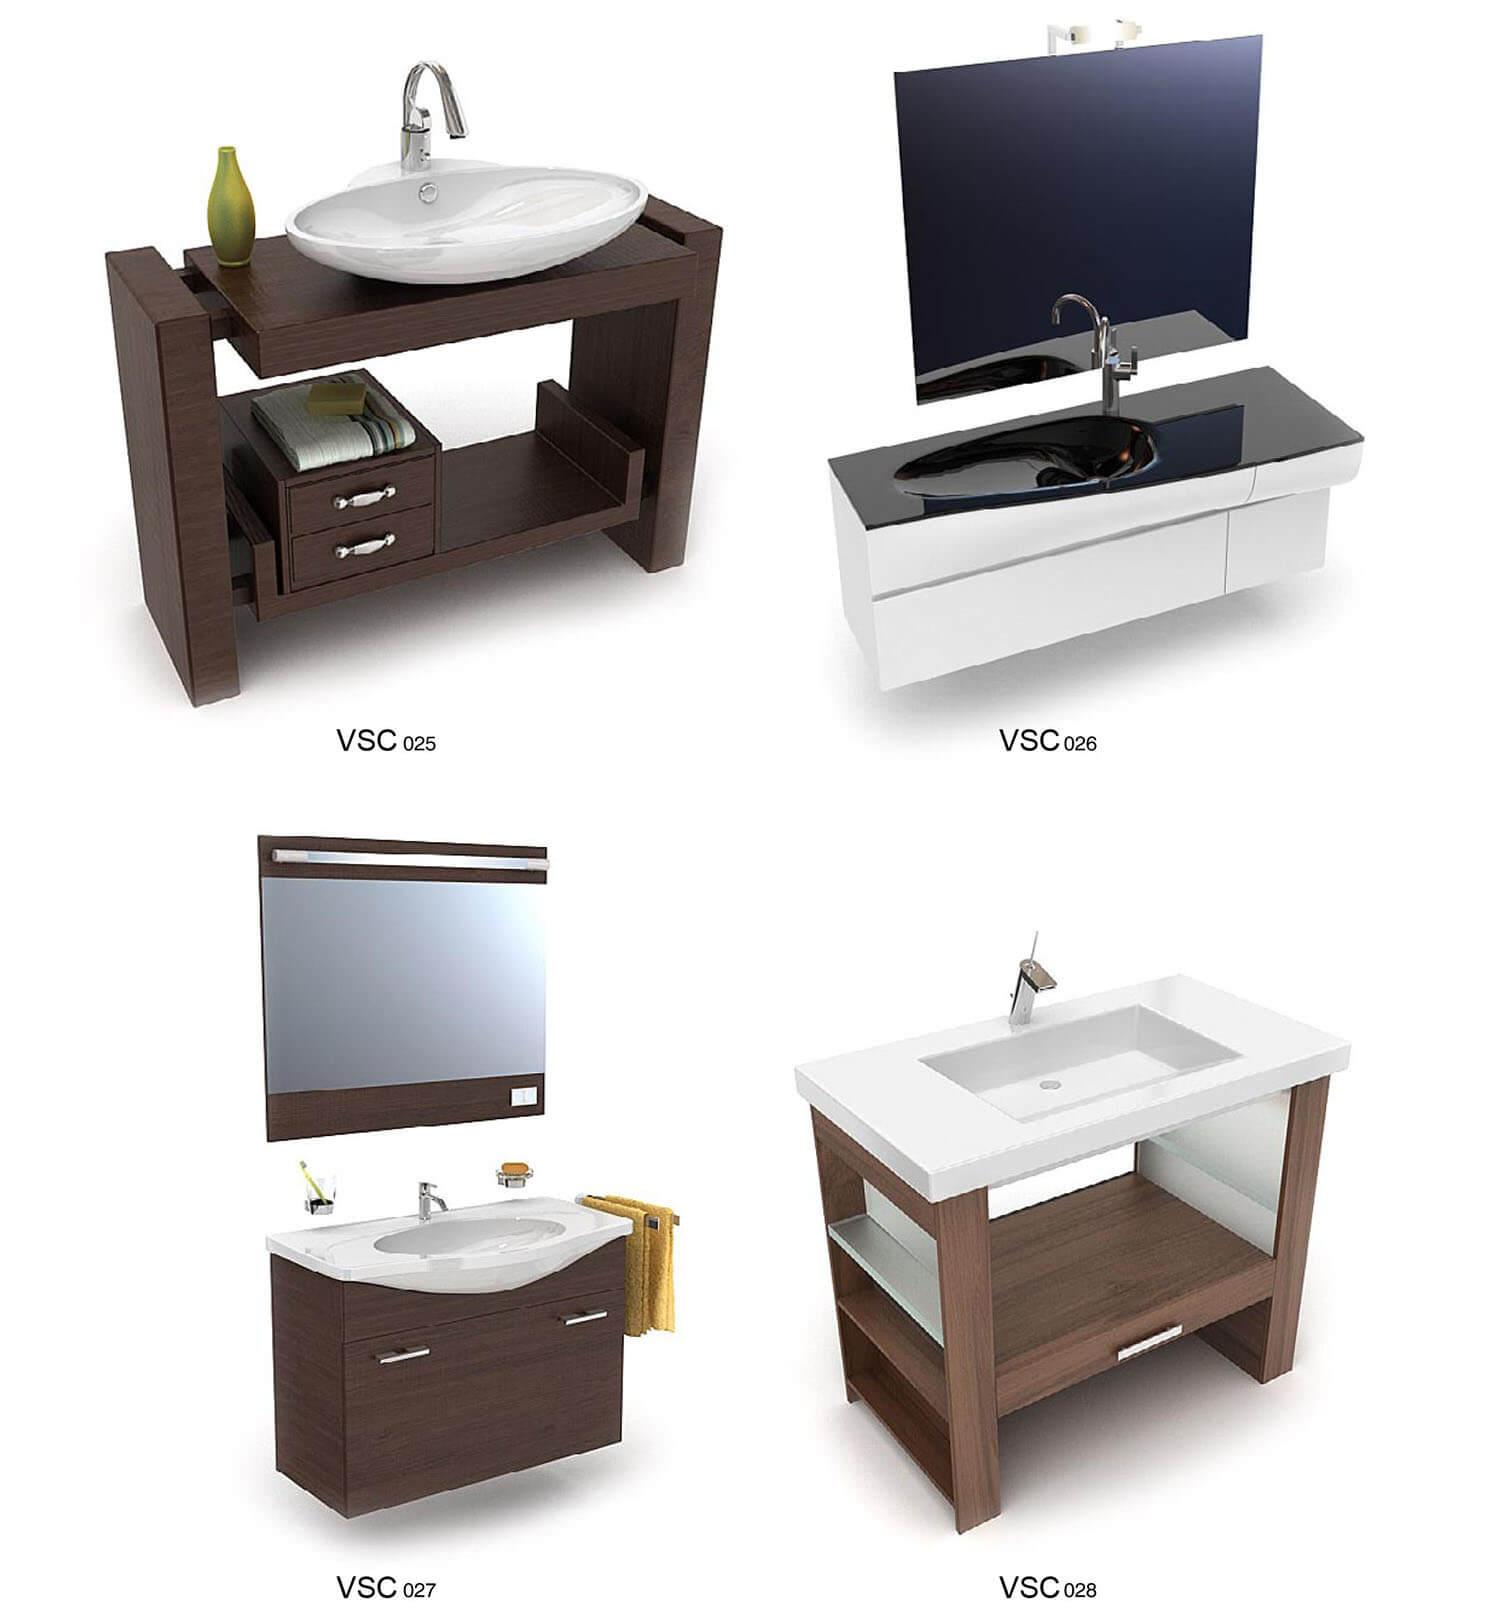 Các thiết kế tủ chậu bằng gỗ tiện dụng